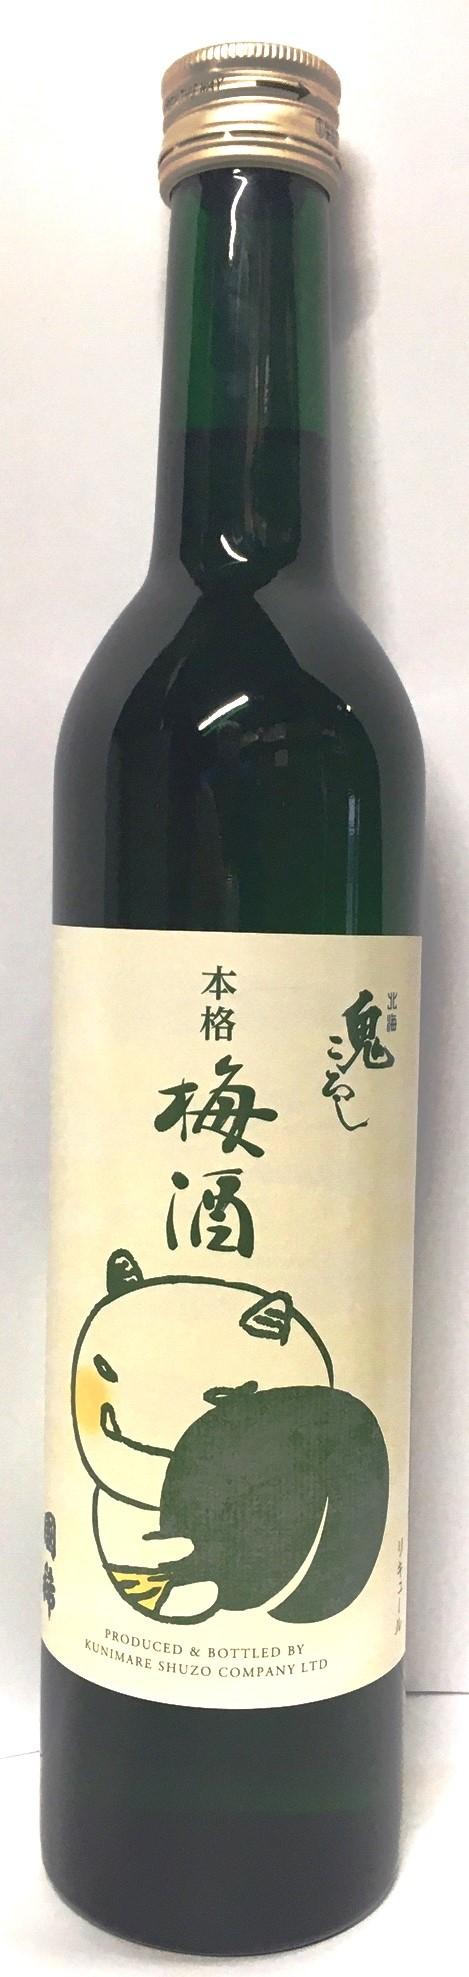 鬼ころしの梅酒*北海道産梅の実使用* 500㎖